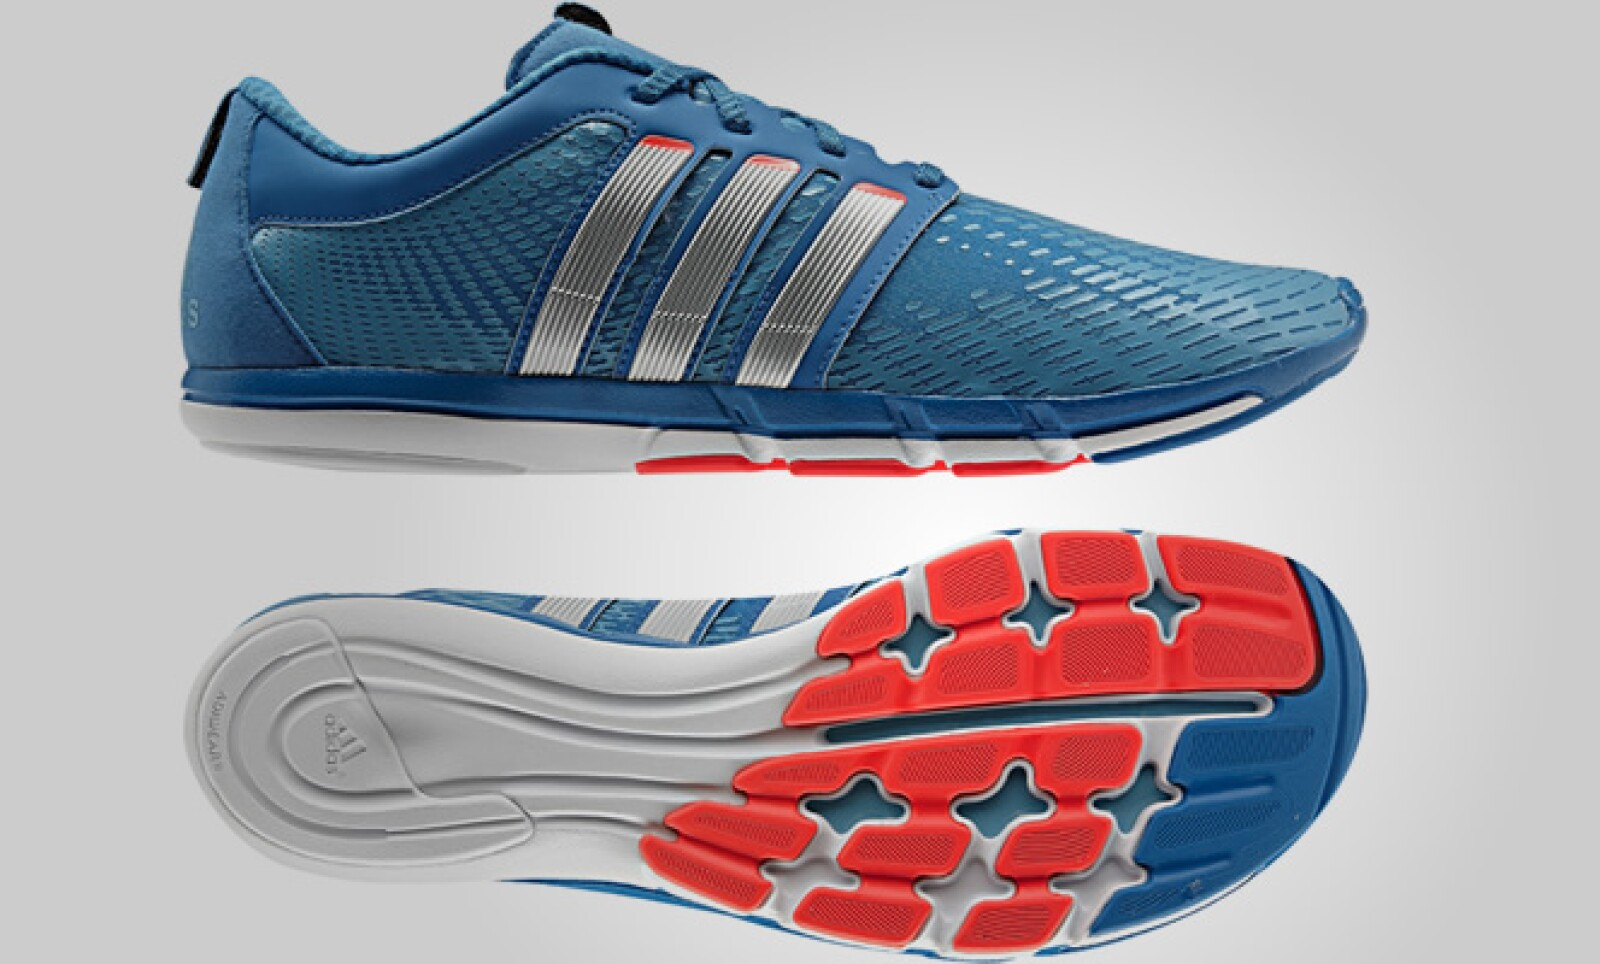 La línea adiPure brinda soporte al sistema músculo-esquelético de los pies para que los corredores puedan llegar a ser más rápidos y fuertes, de manera más pura y natural.